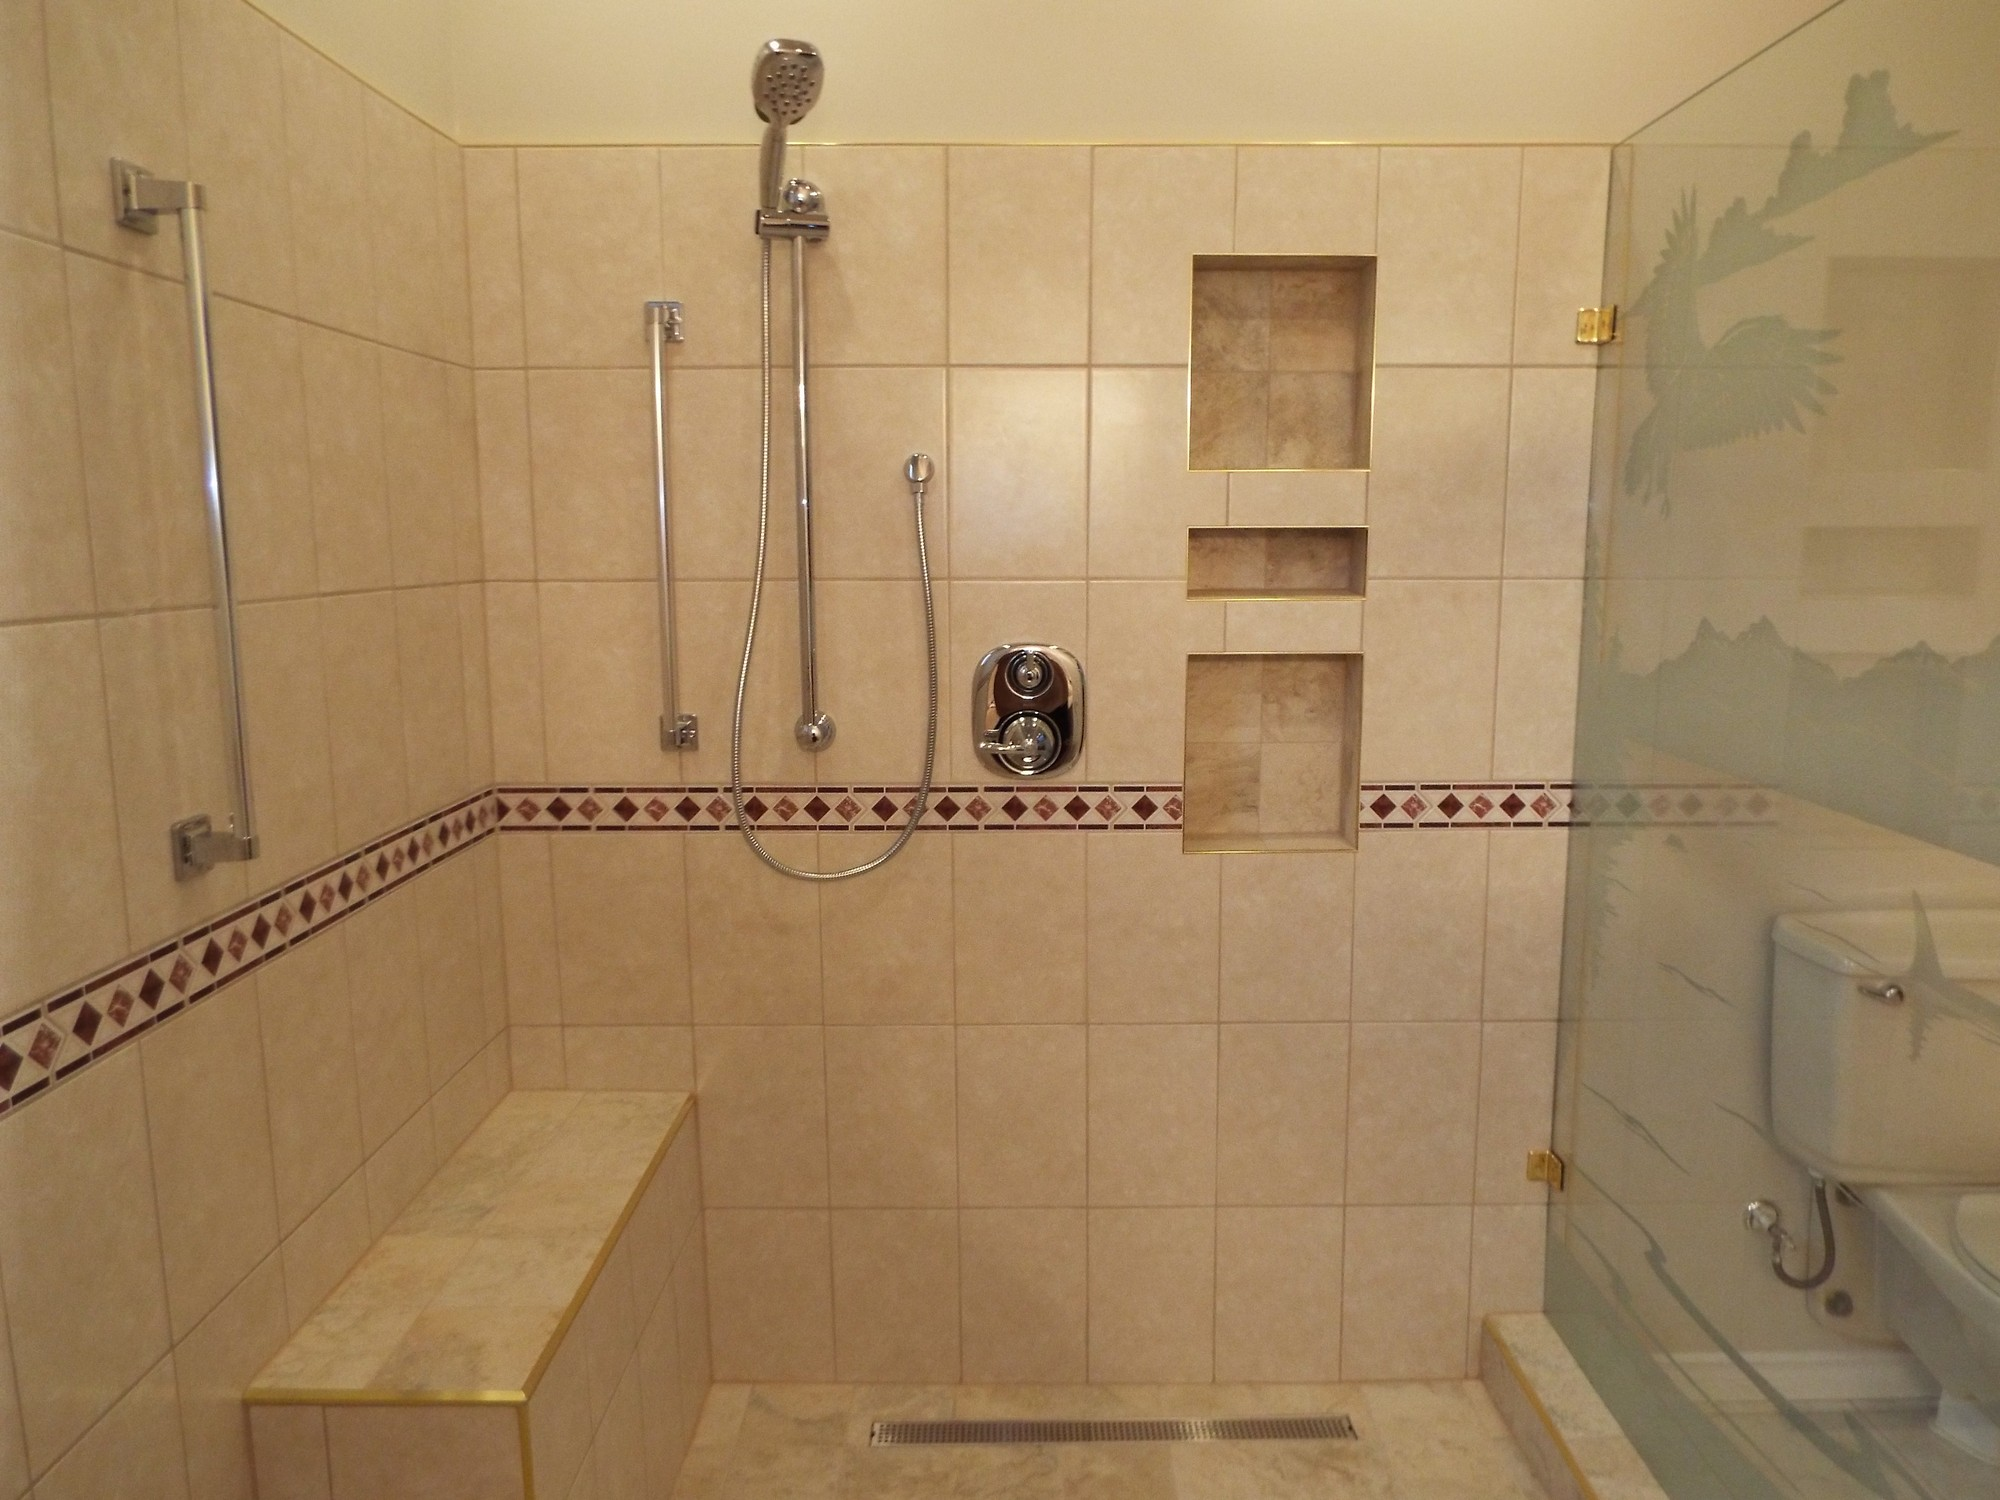 Conversion Tub To Shower Trev Homes Nanaimo Renovation